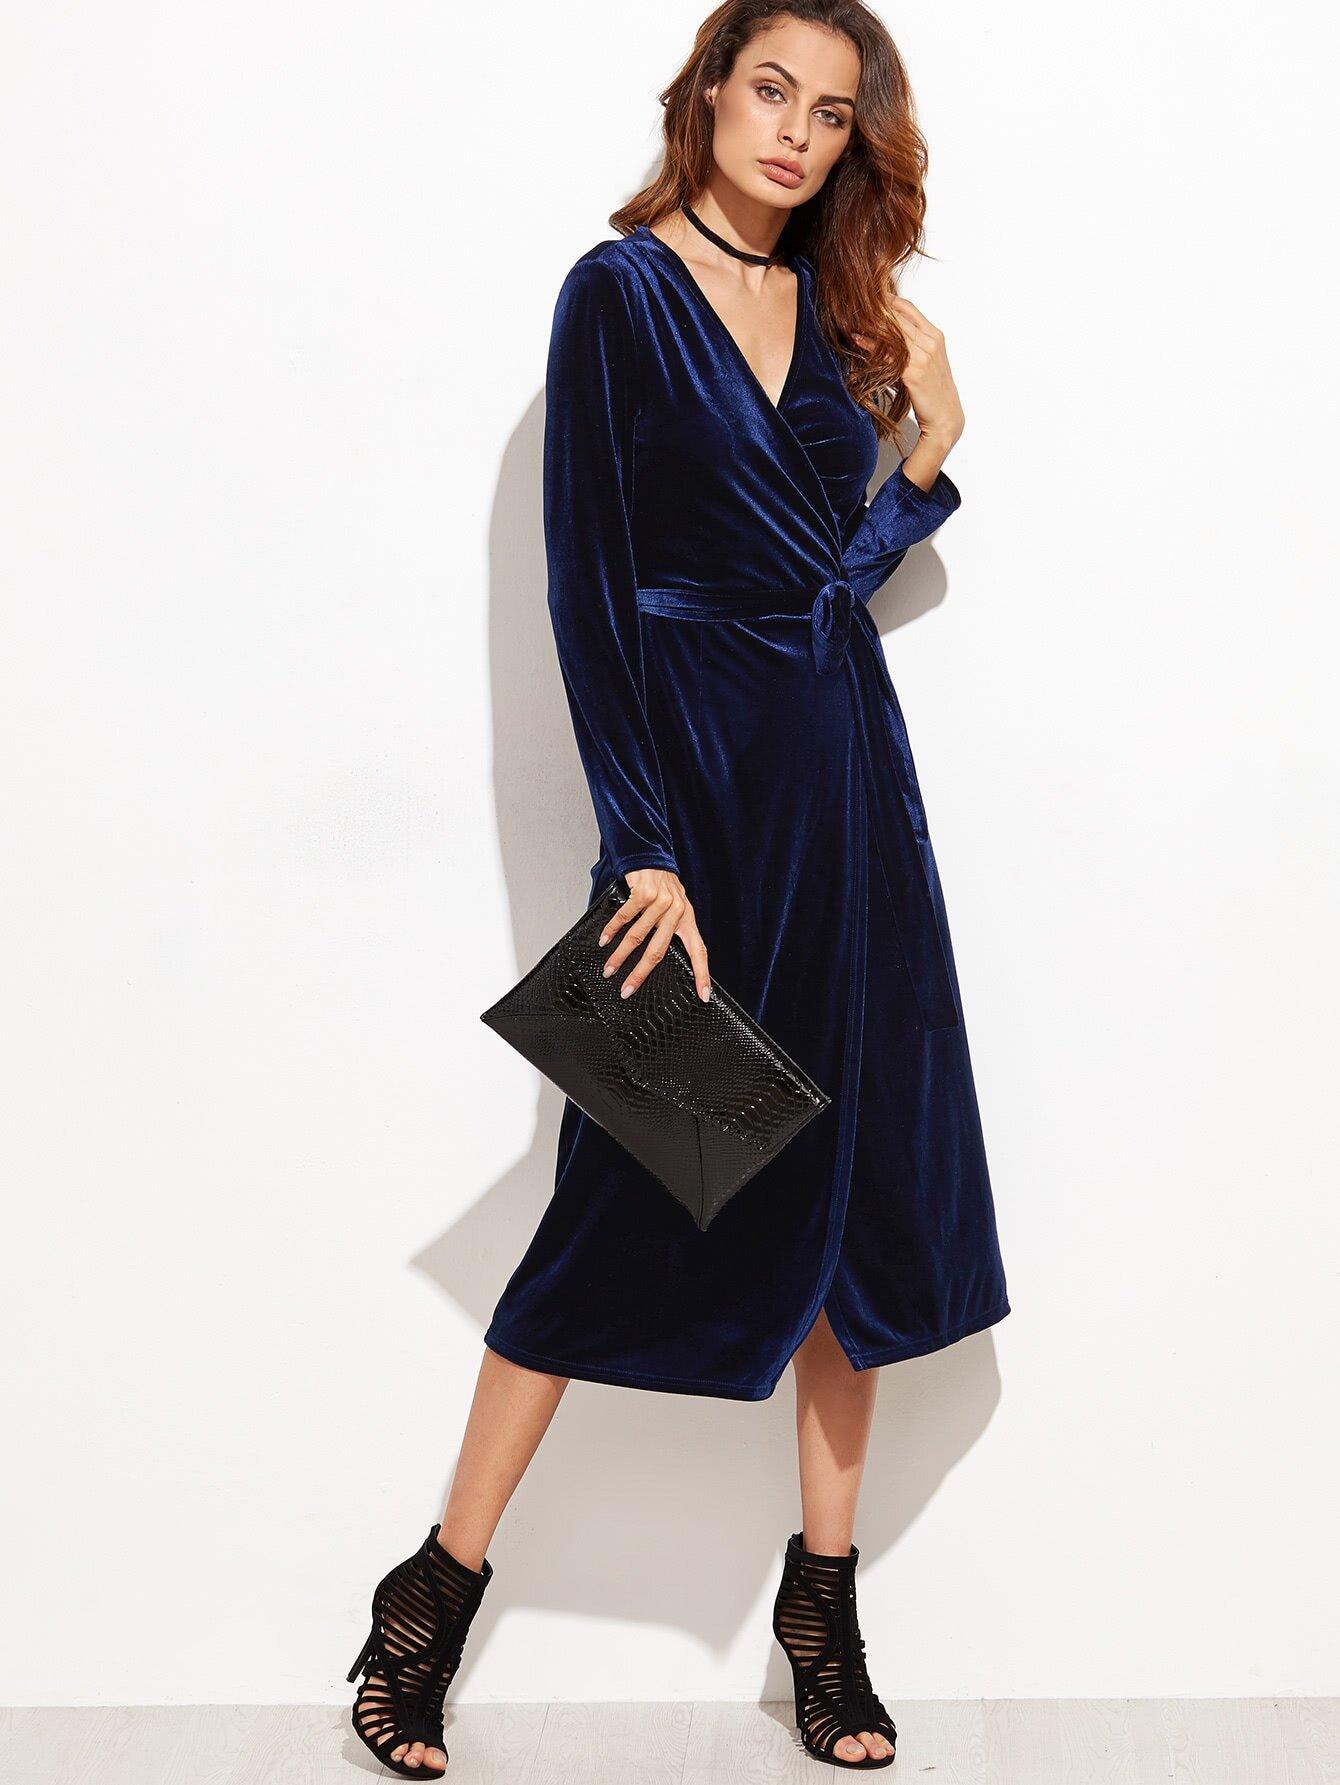 dress160927707_2